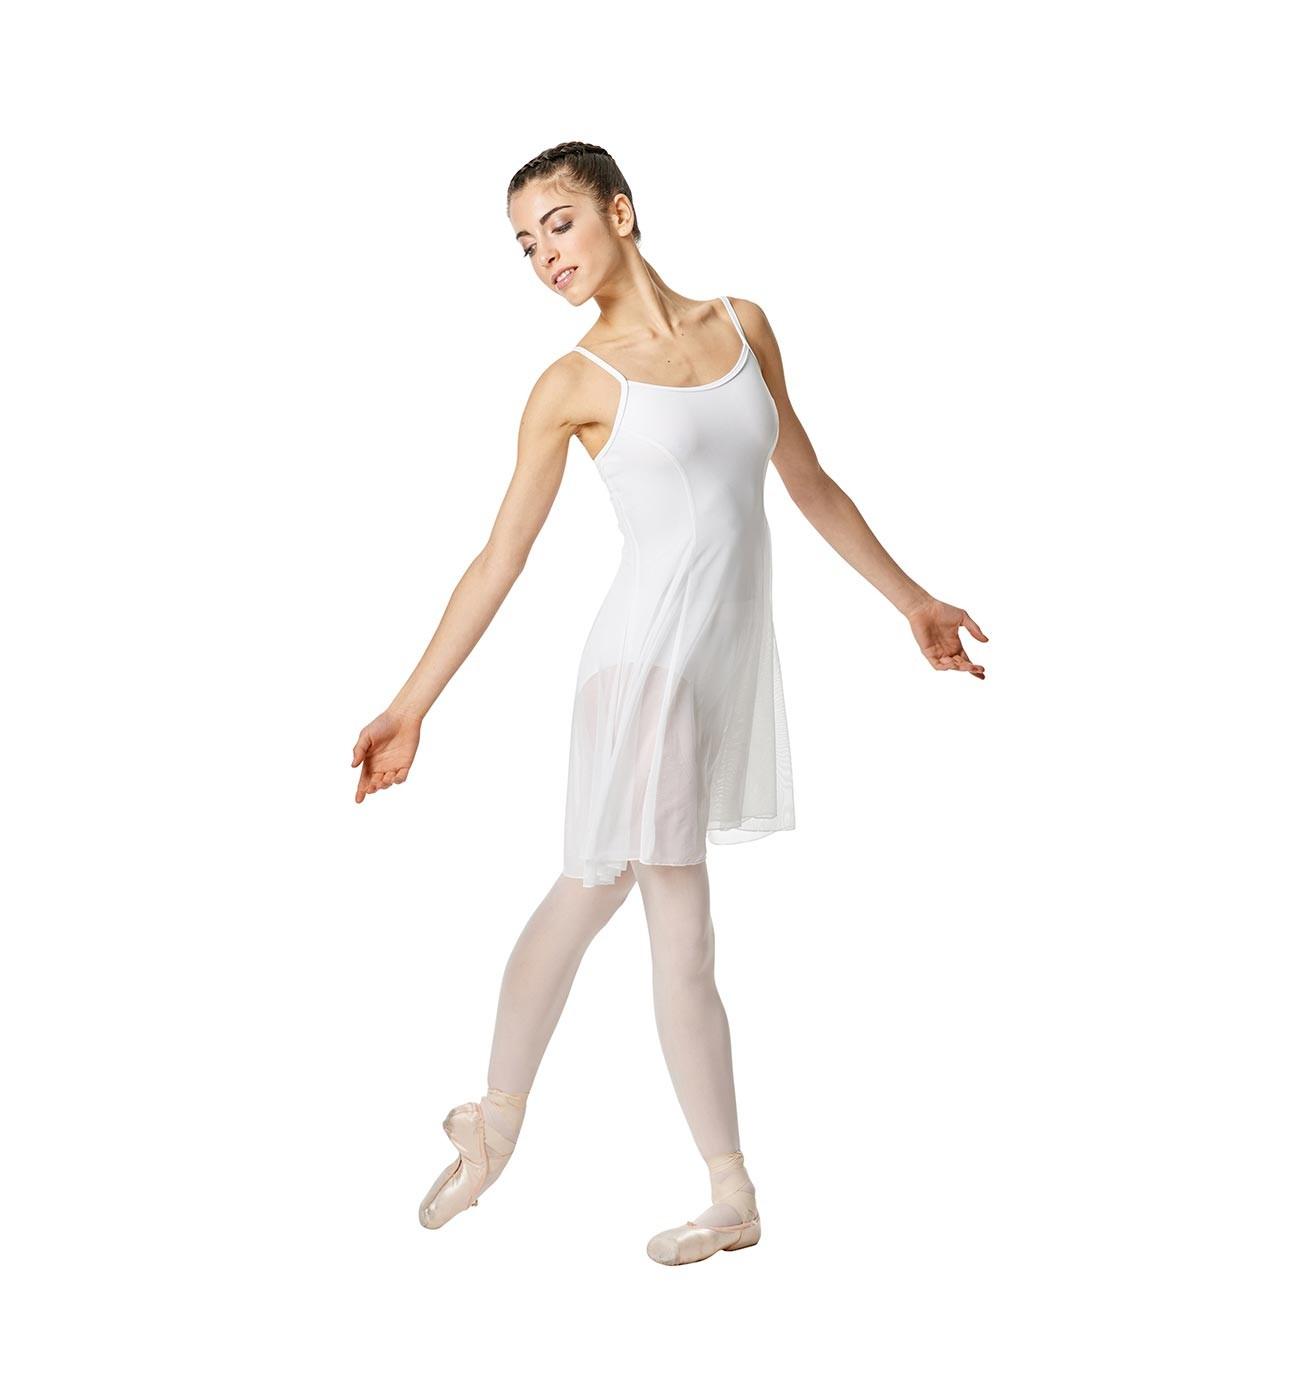 לבן שמלת בלט Natalie של Lulli עם שמלת רשת שקופה LUB255